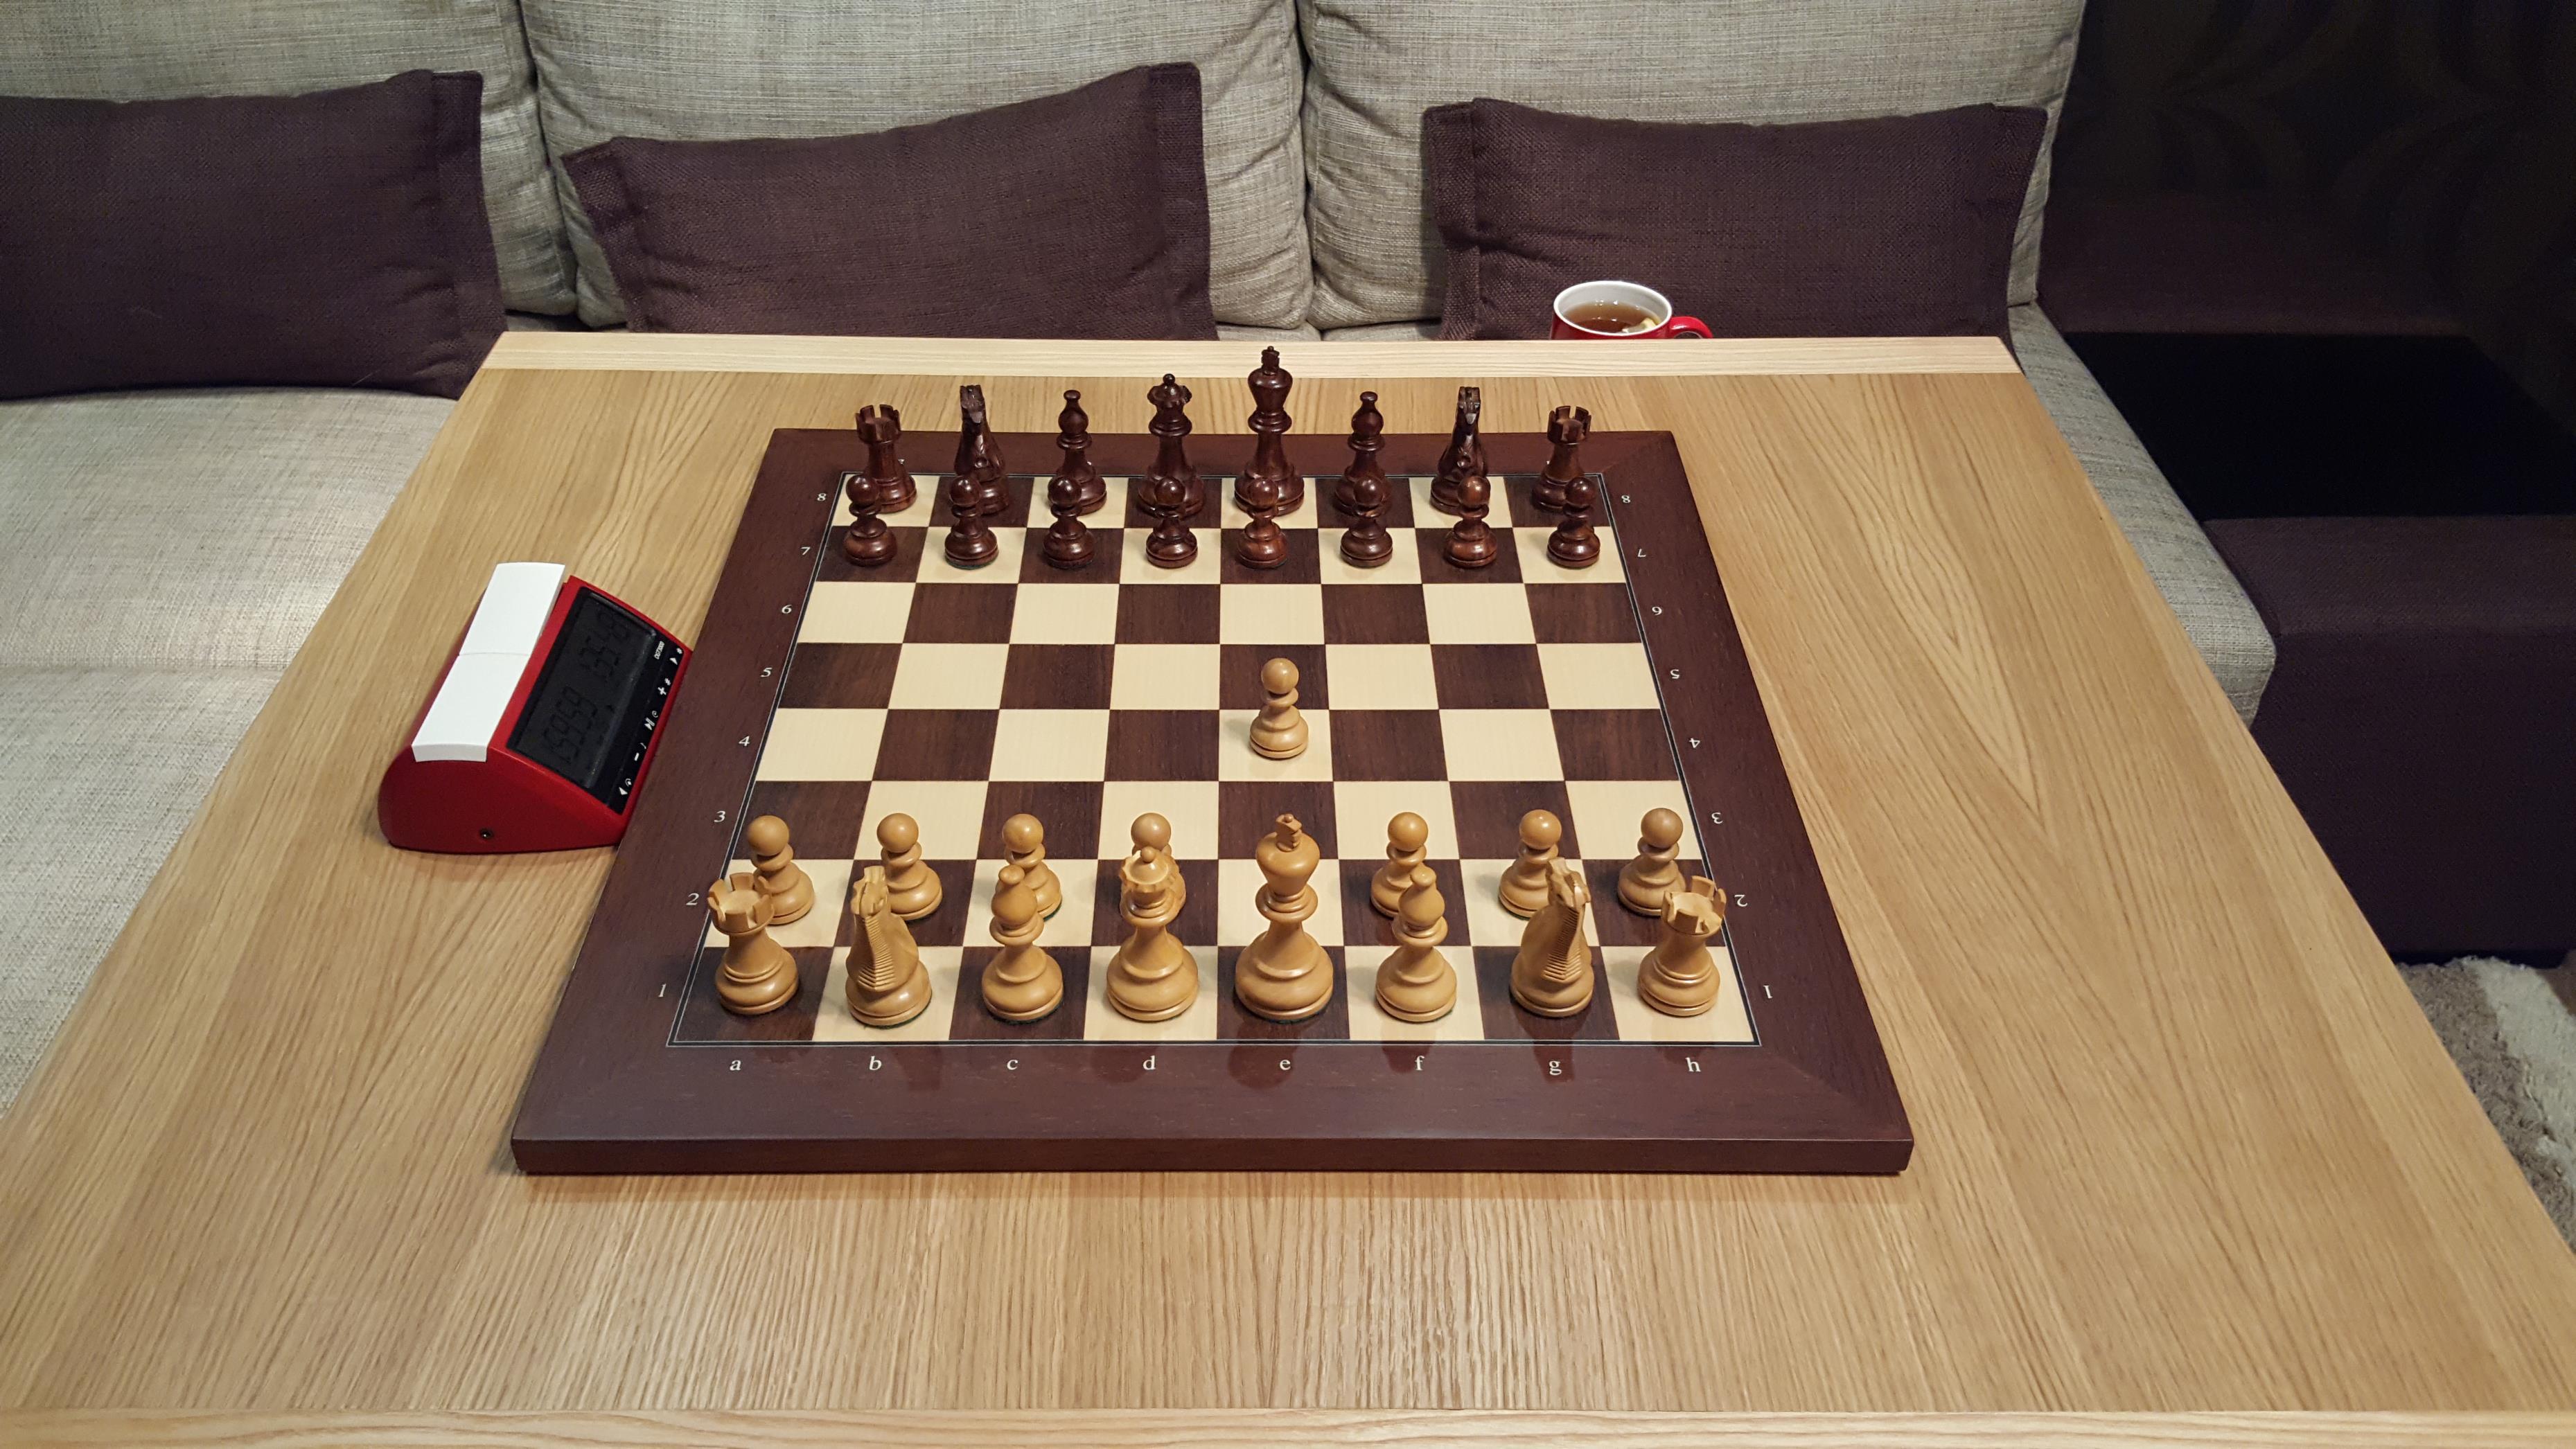 посмотреть профессиональные шахматы видео ролик голая